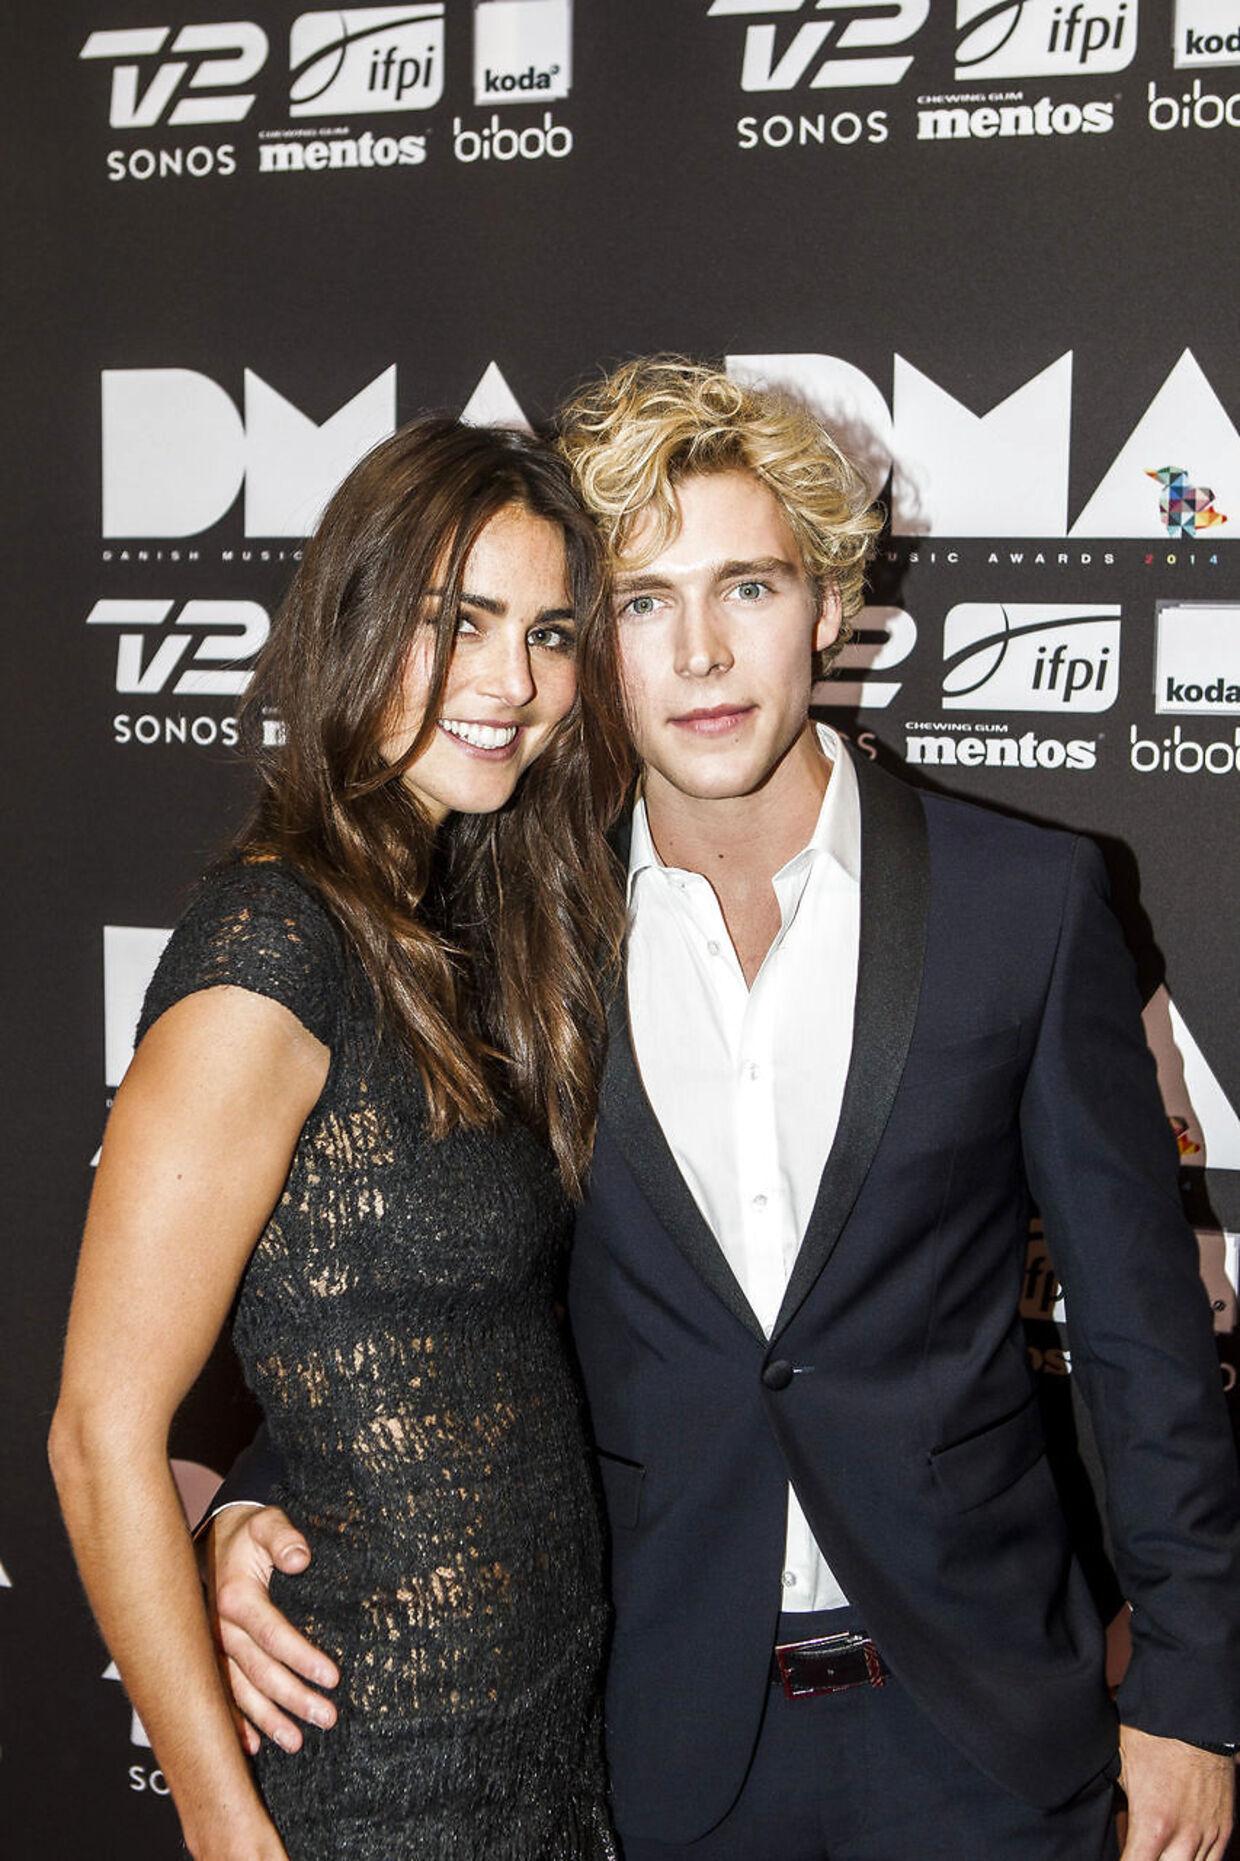 Selena gomez og justin bieber stadig dating 2014